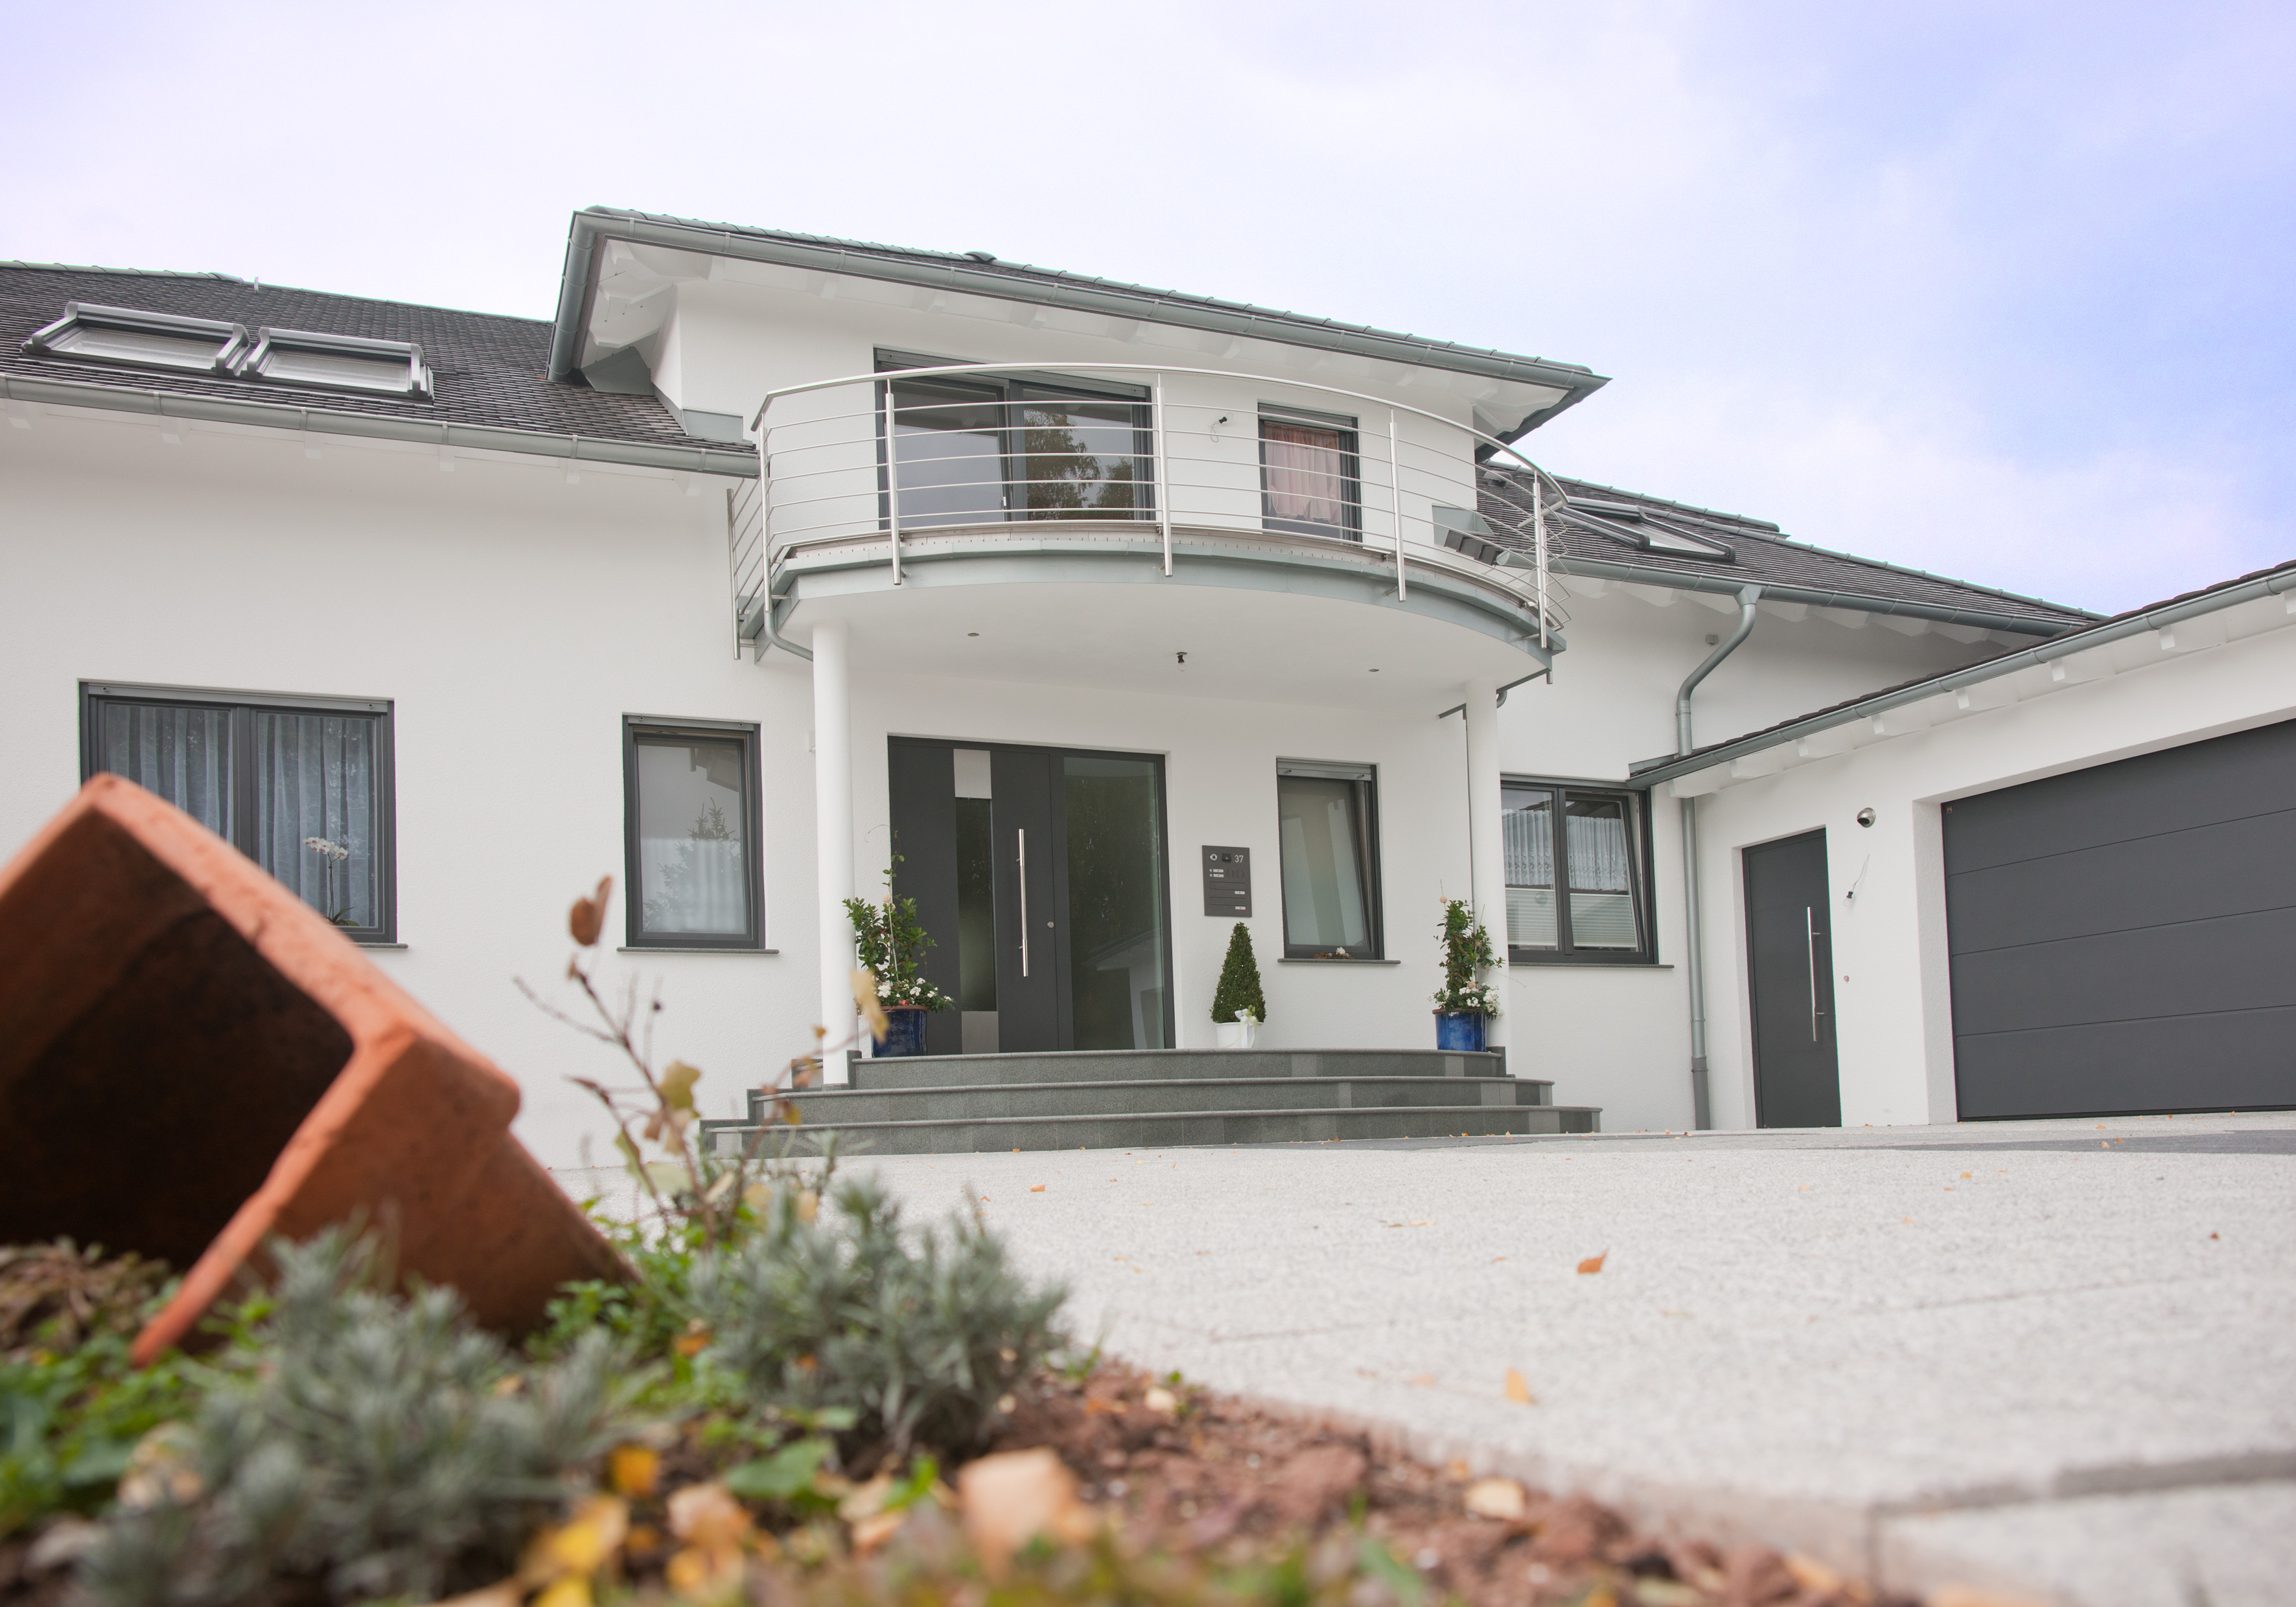 Taghaus einfamilienhaus modern bauen wohndesign und for Einfamilienhaus bauen ideen